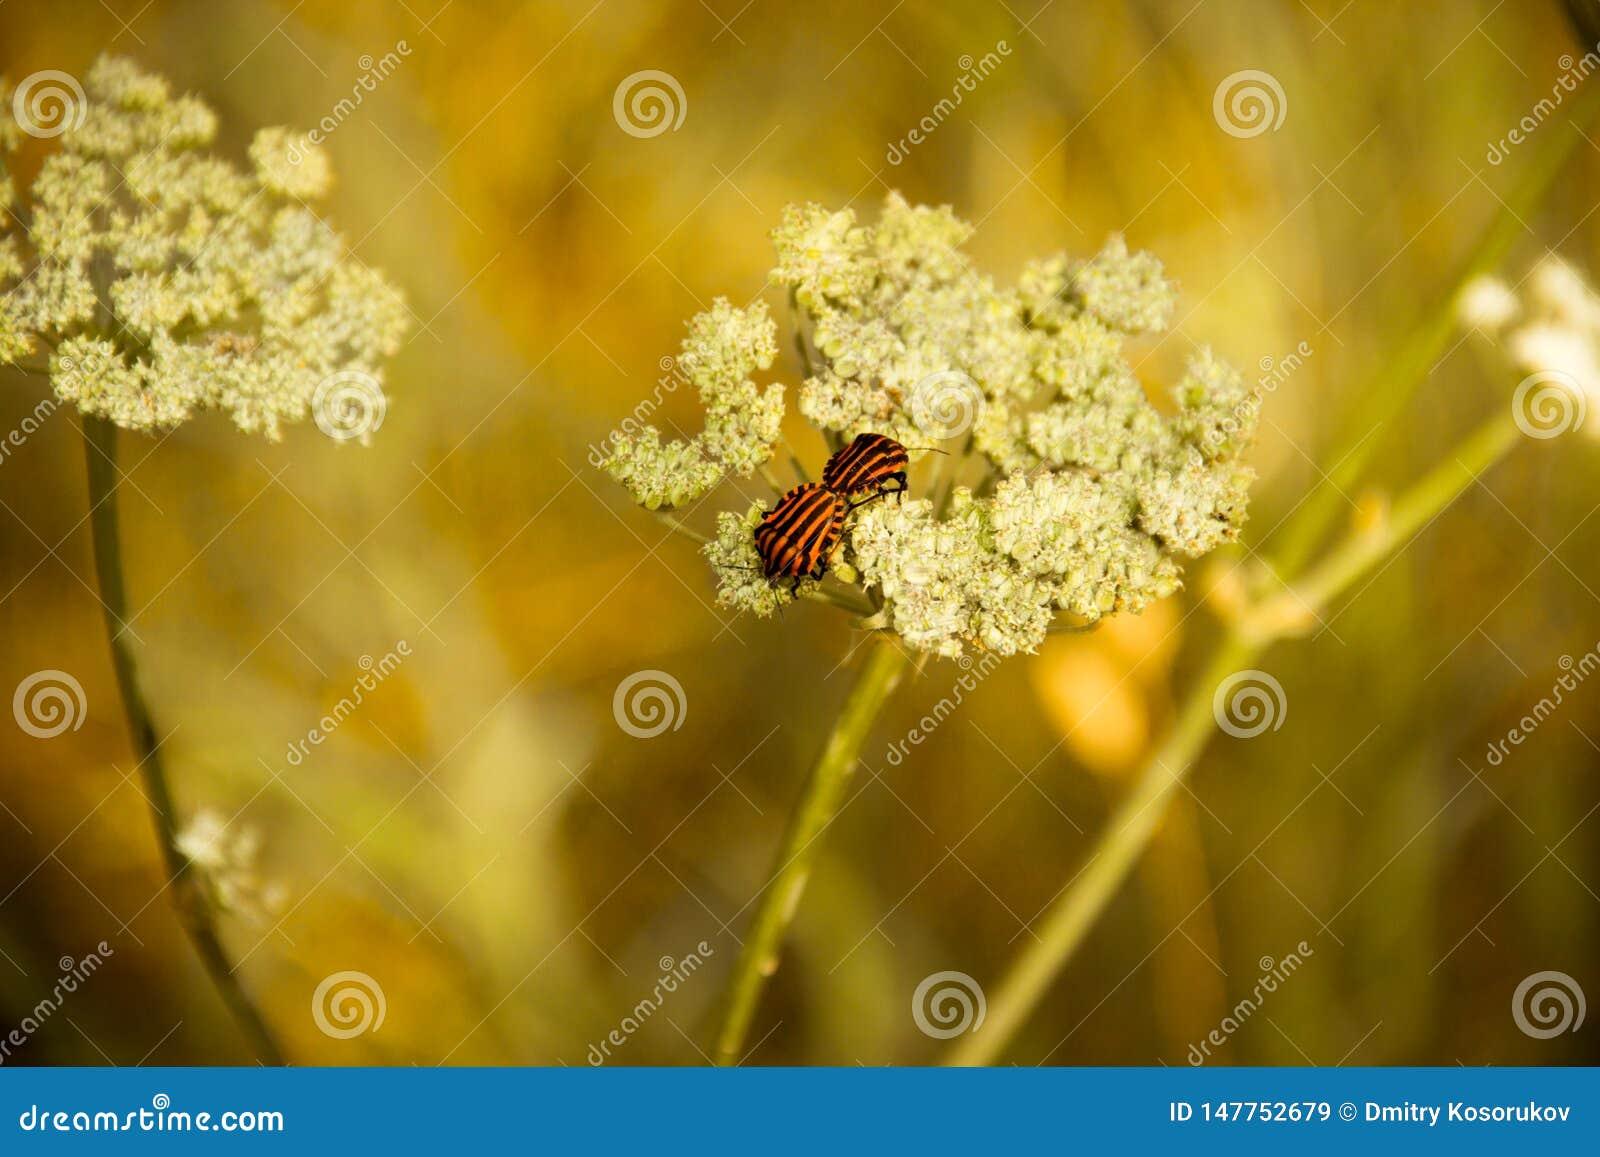 De partner van de lentekevers op een witte bloem